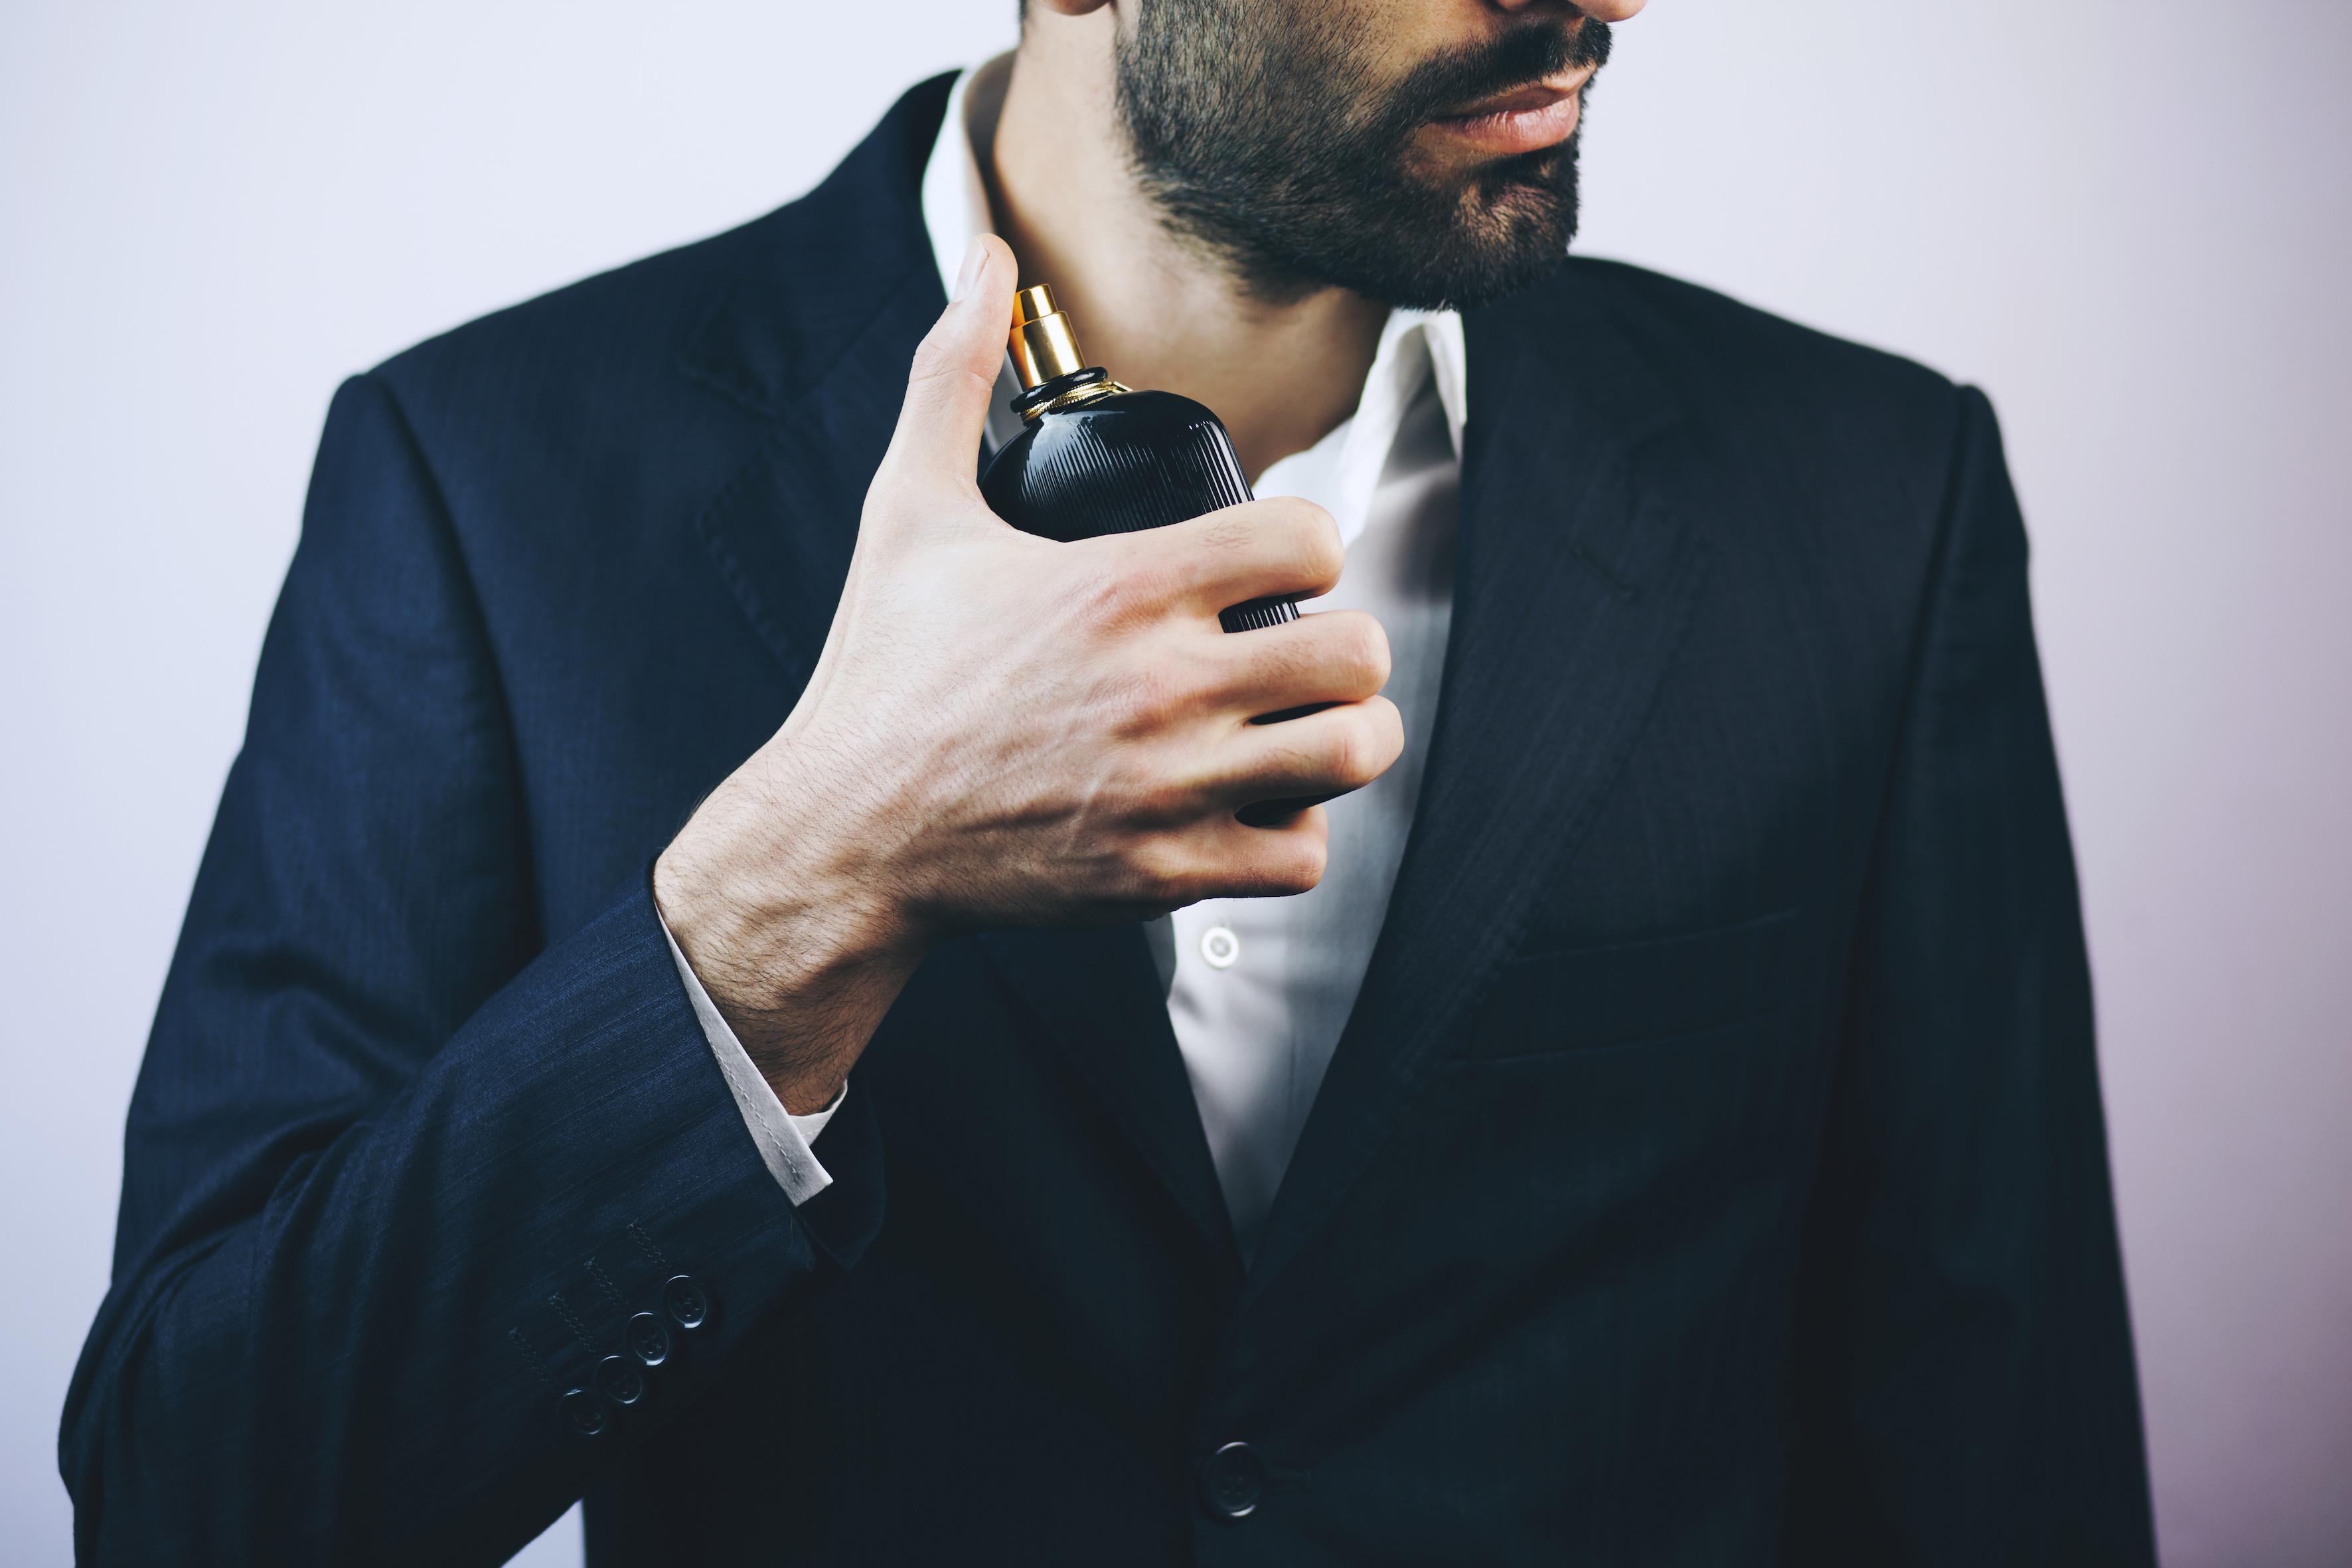 ビジネスシーンでの香水の付け方